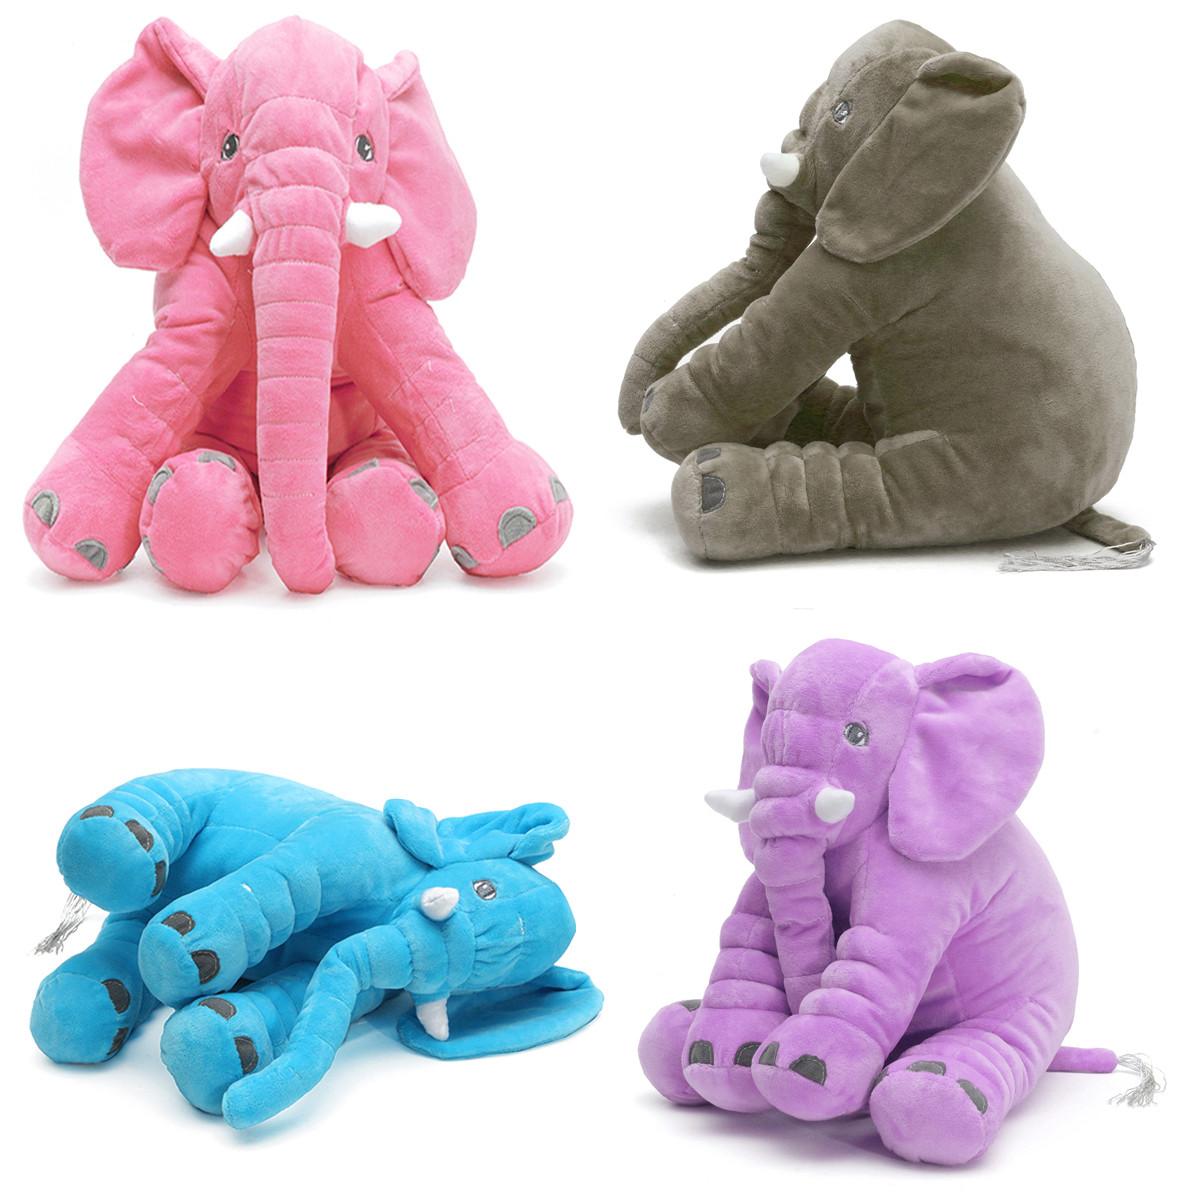 b b enfants enfants doux en peluche l phant sommeil oreiller enfants lombaire coussin jouets. Black Bedroom Furniture Sets. Home Design Ideas